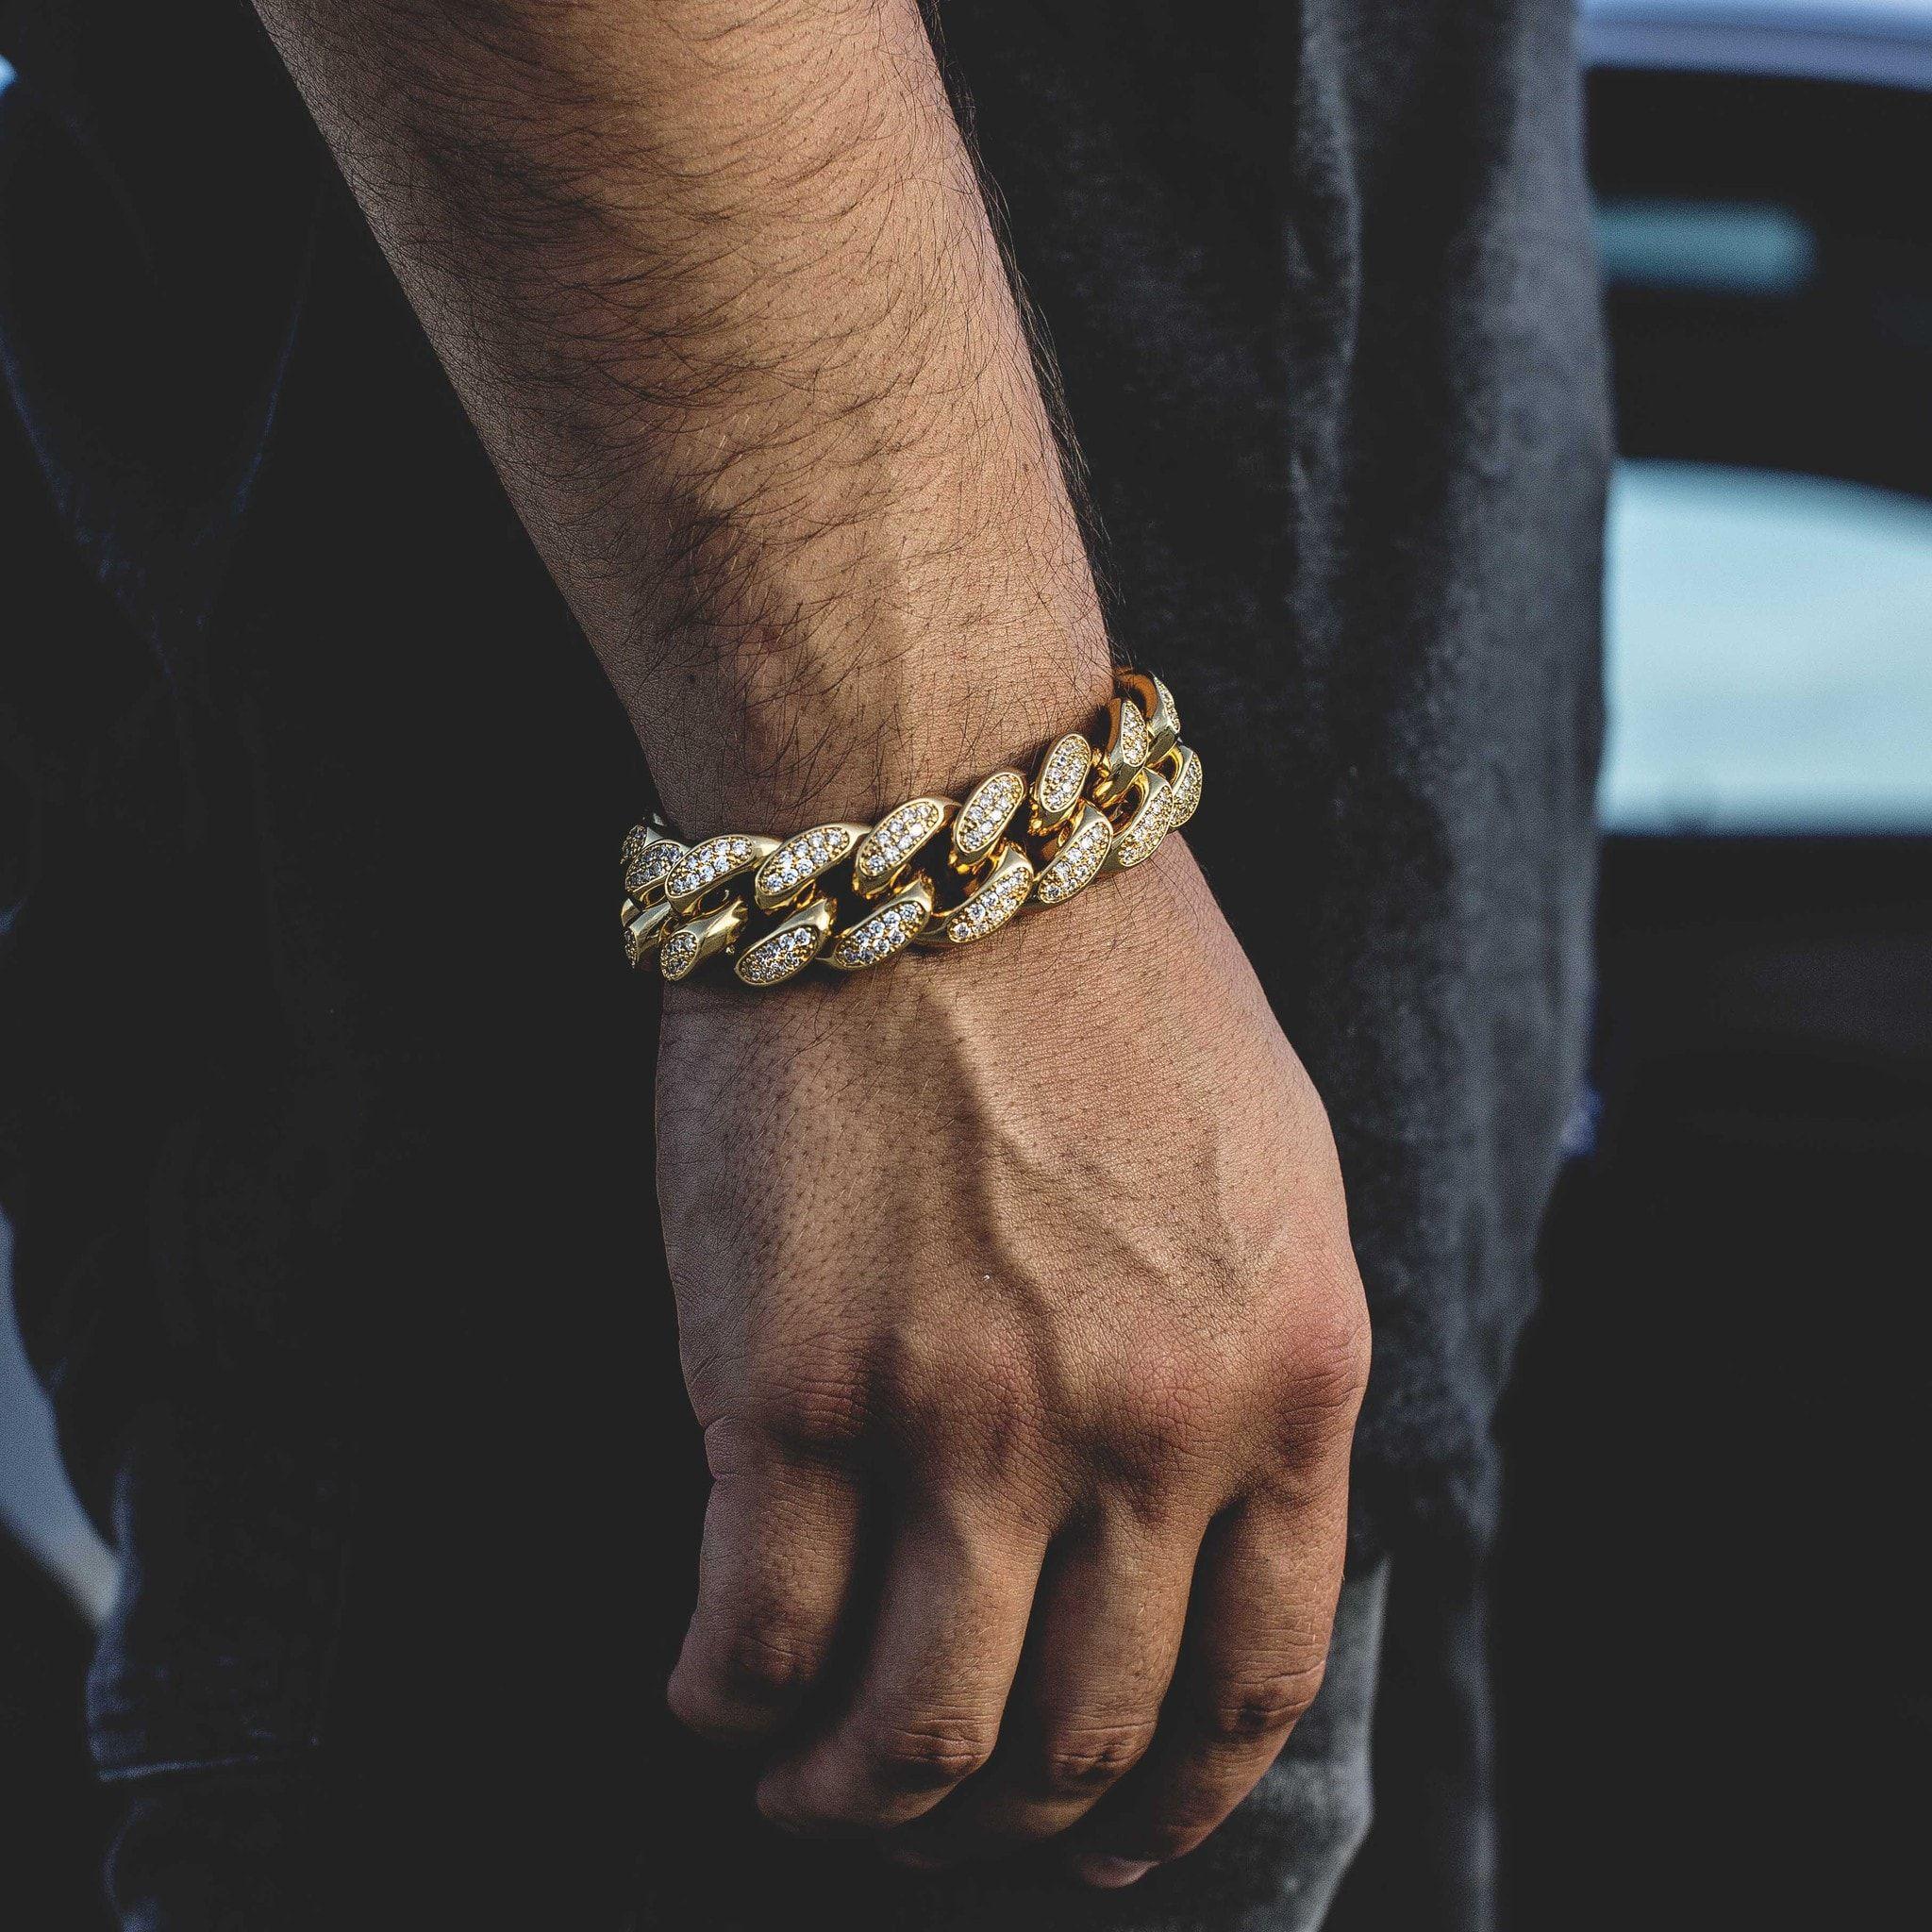 Diamond Cuban Link Bracelet 19mm In Yellow Gold Mens Gold Bracelets Bracelets For Men Chains For Men